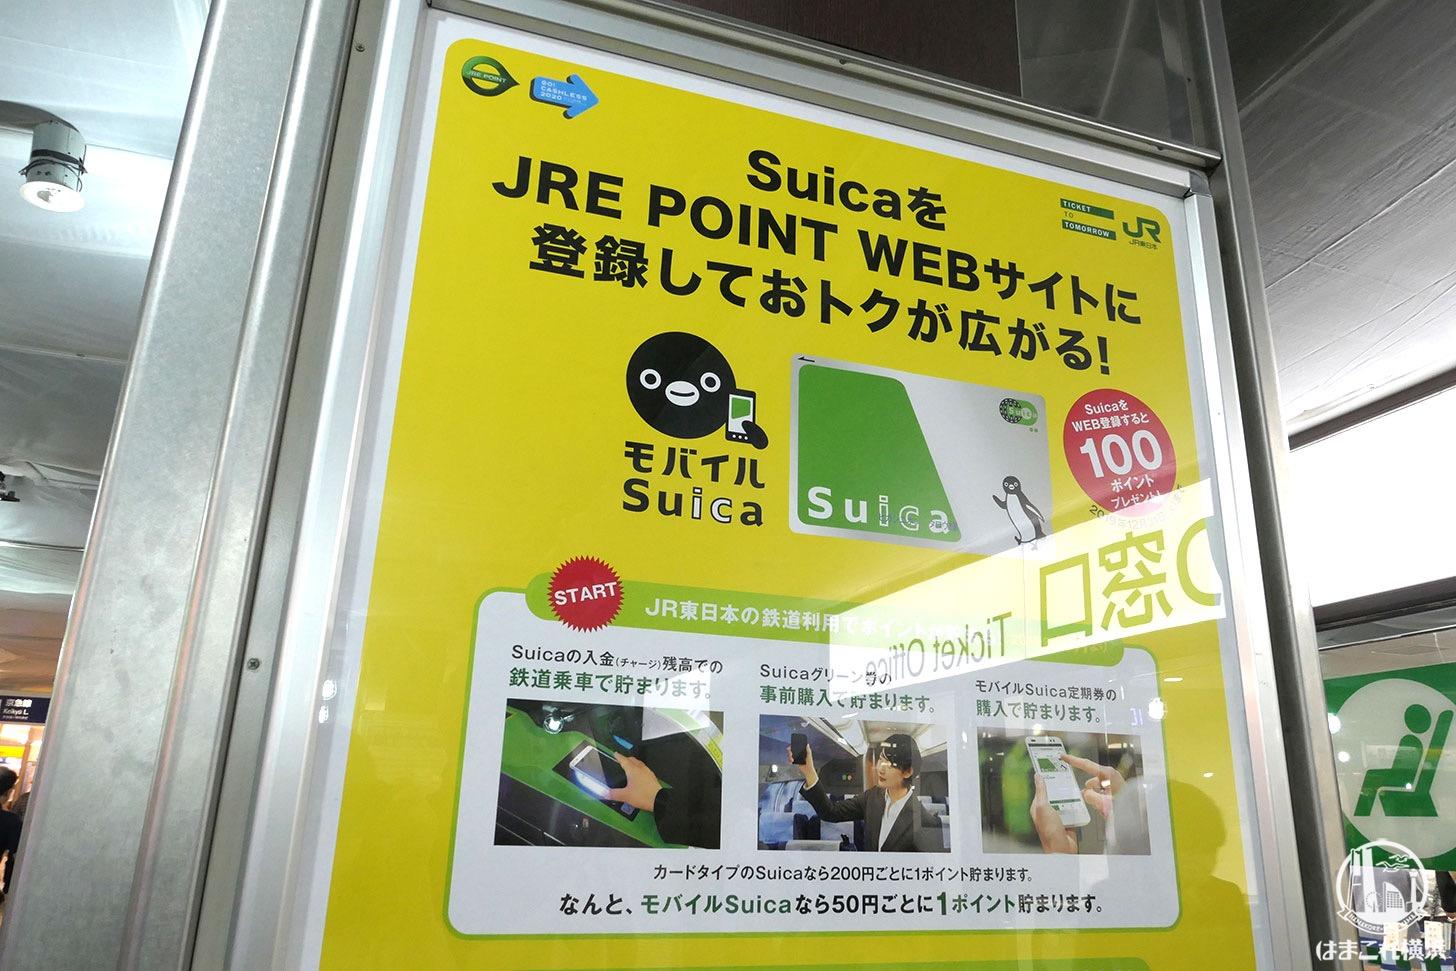 JREポイント、鉄道利用で貯まるから「モバイルSuica」登録してみた!